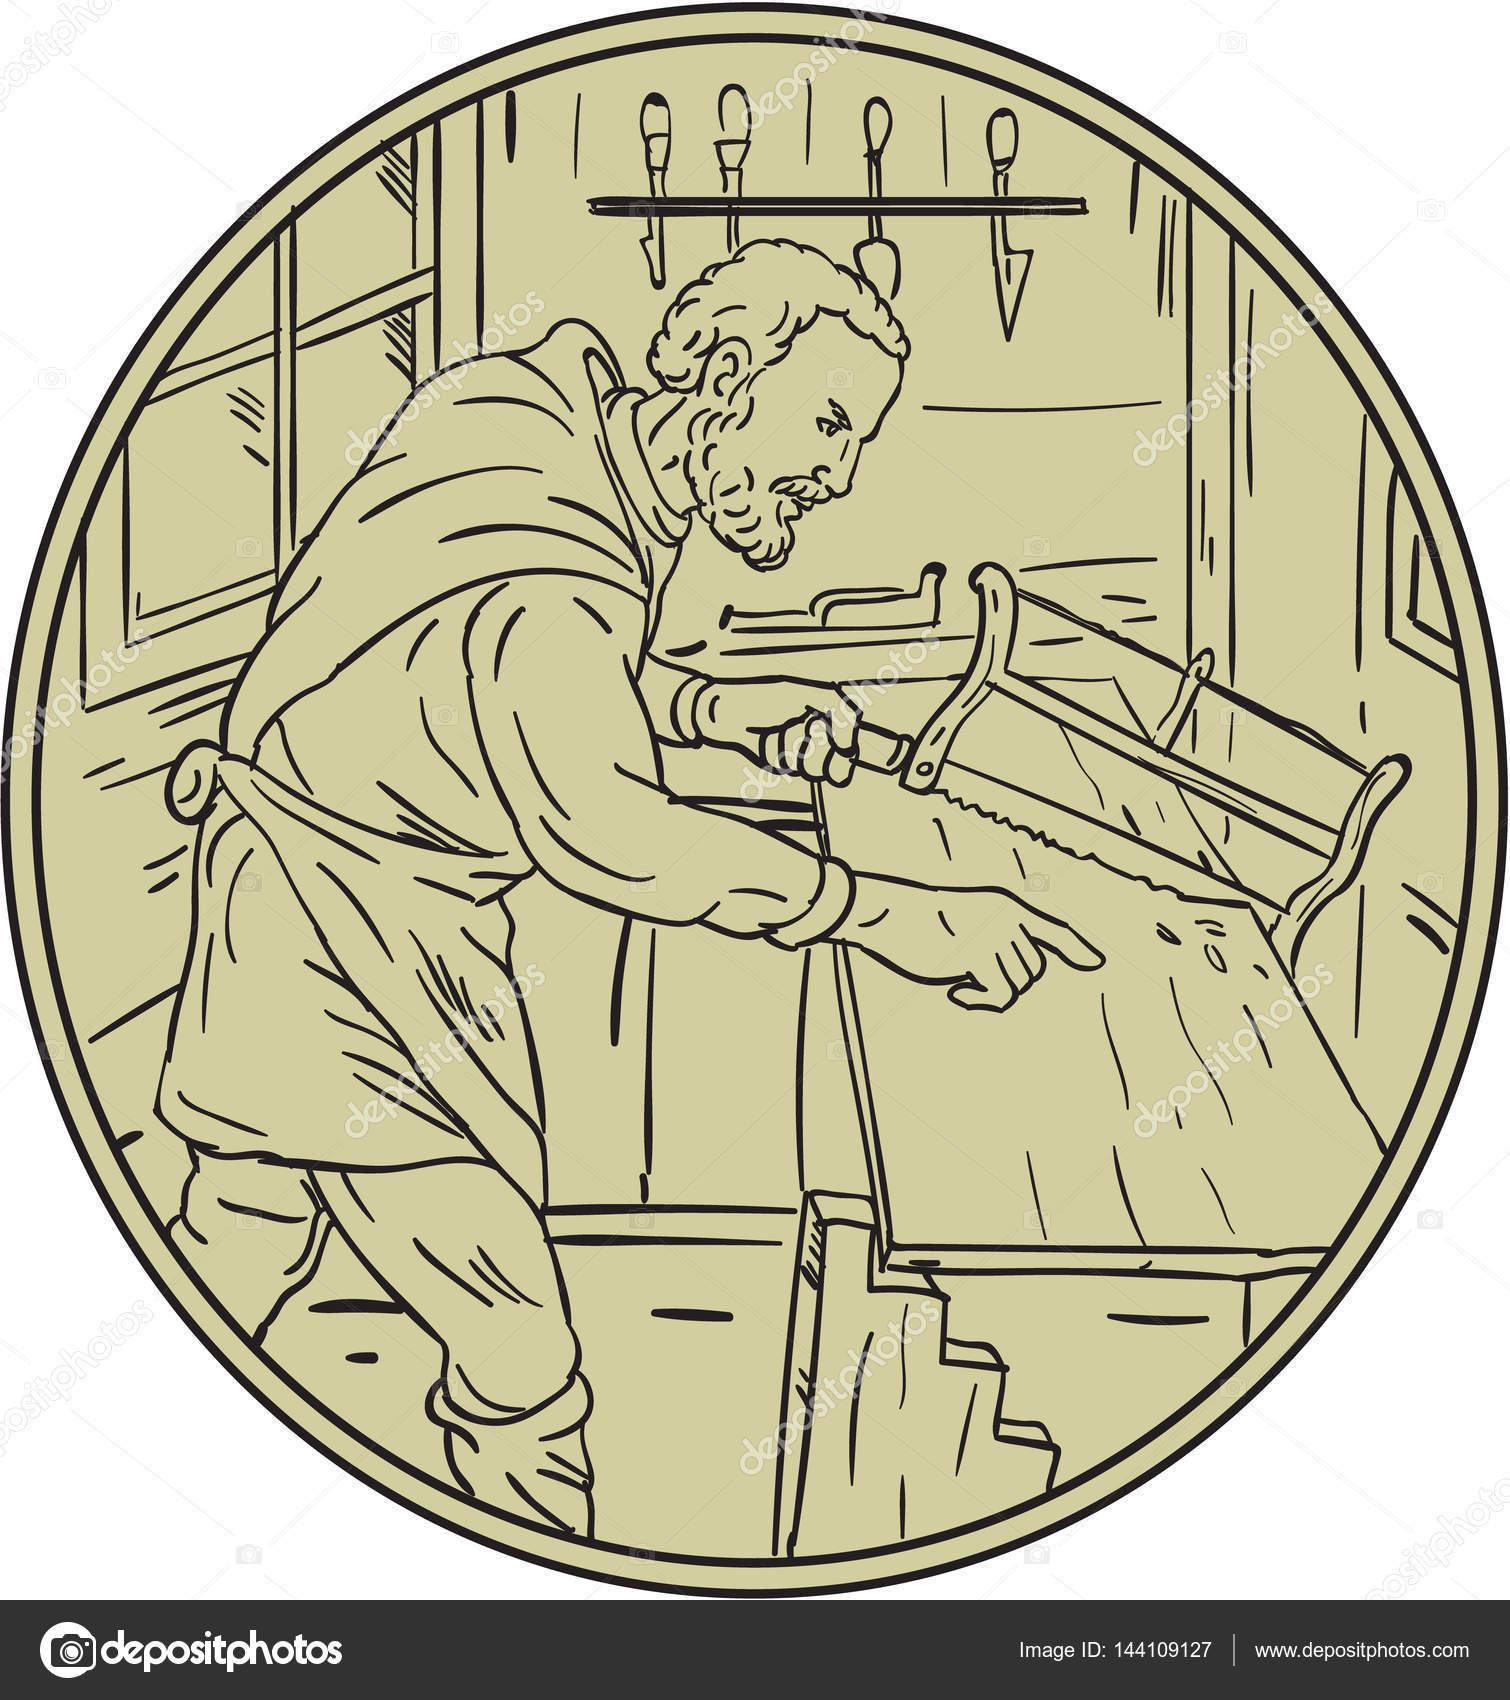 Mittelalterliche Schreiner Sagen Holz Kreis Retro Stockvektor